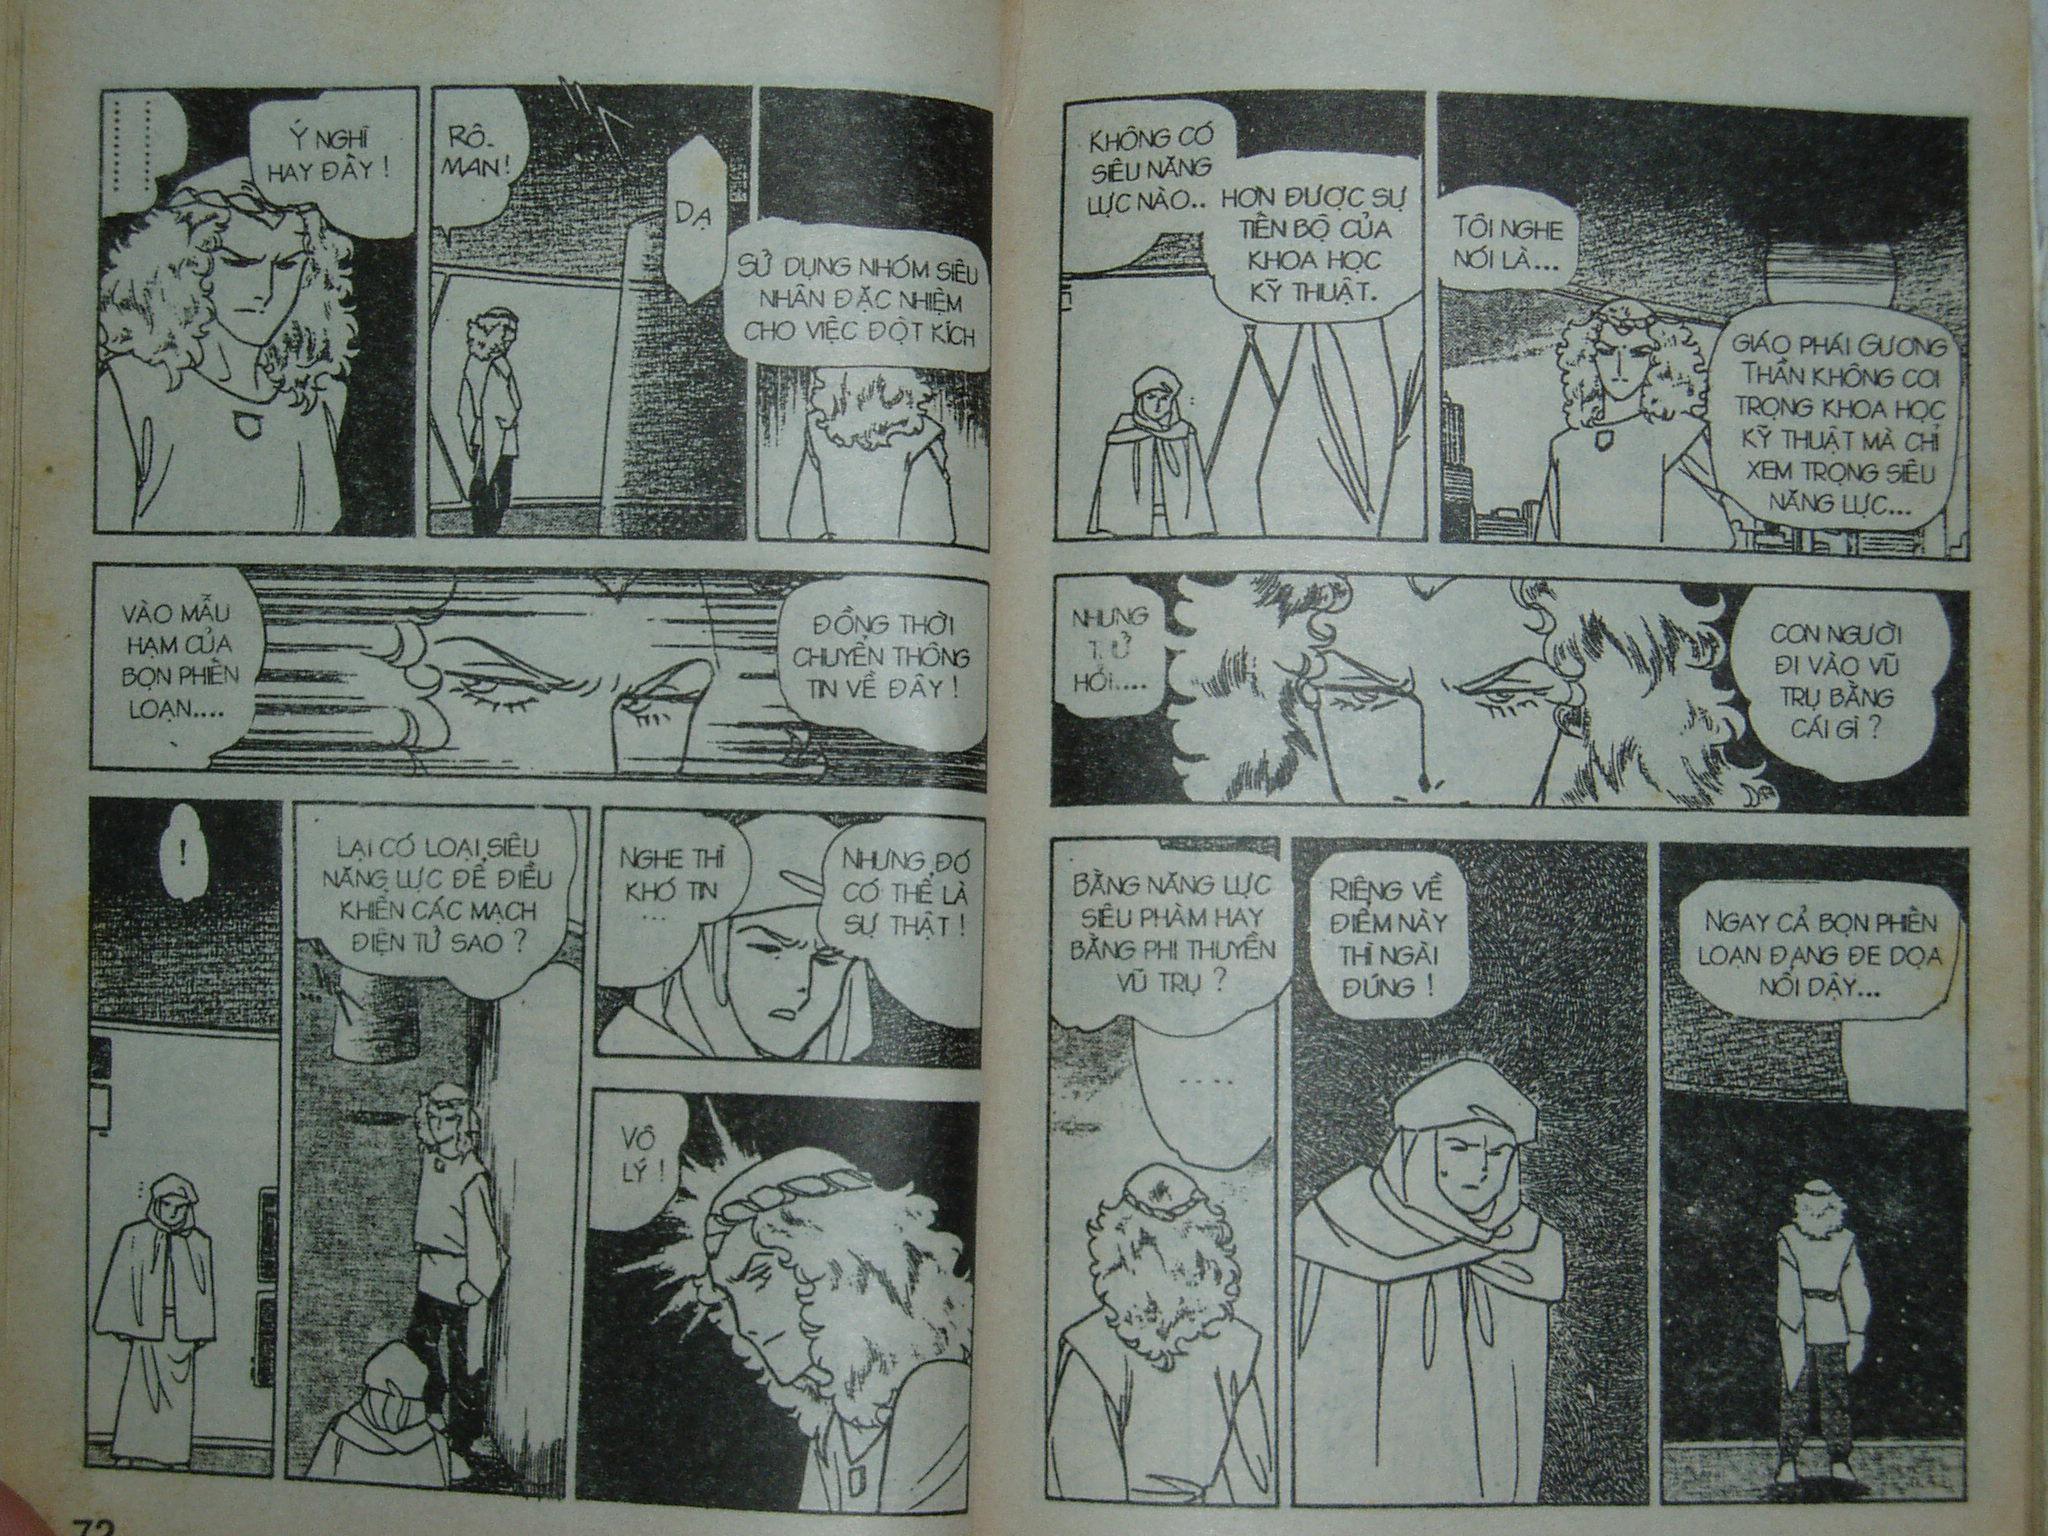 Siêu nhân Locke vol 17 trang 35